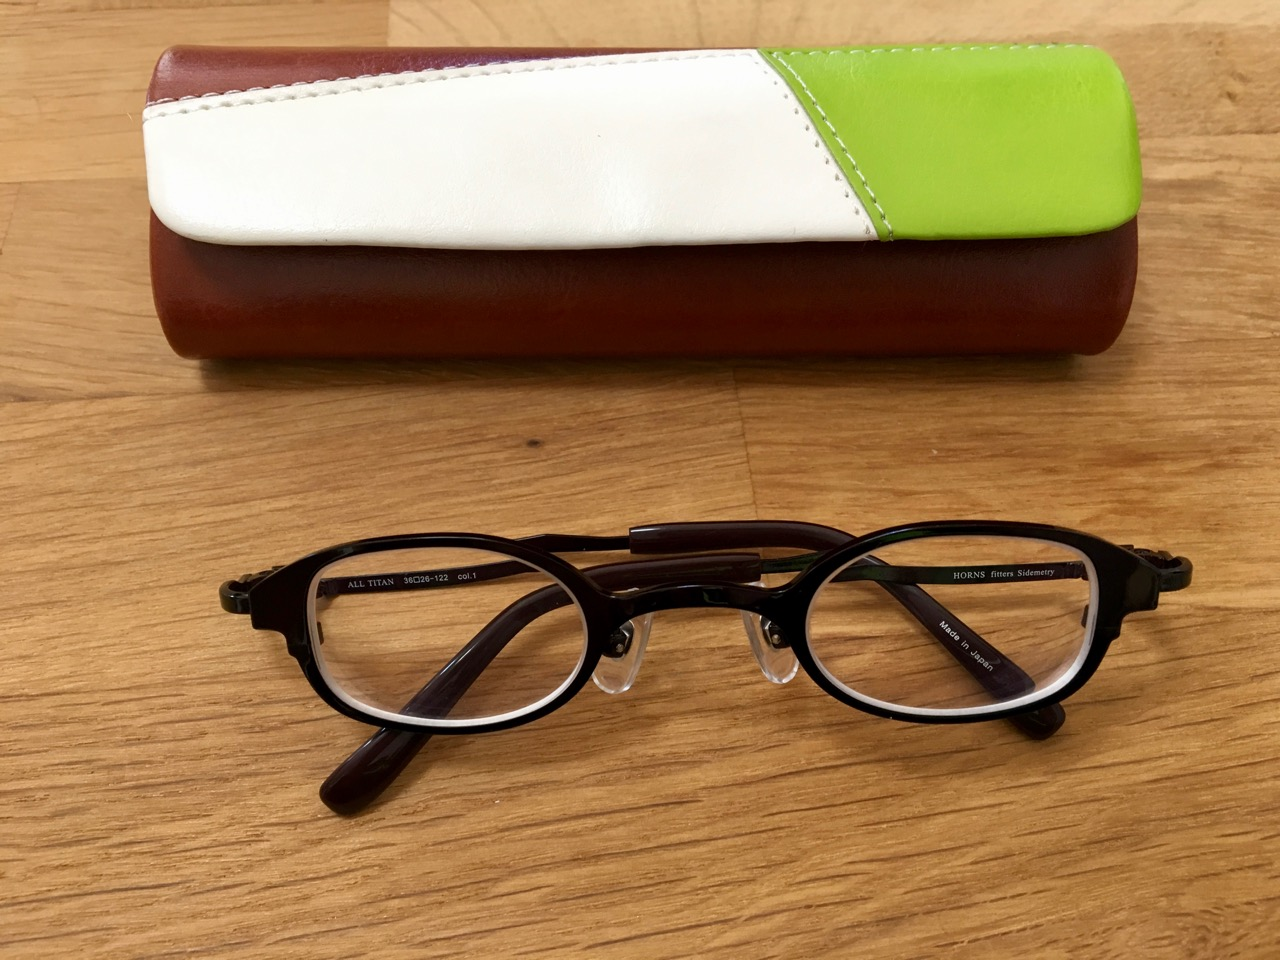 ウスカルメガネに変えました